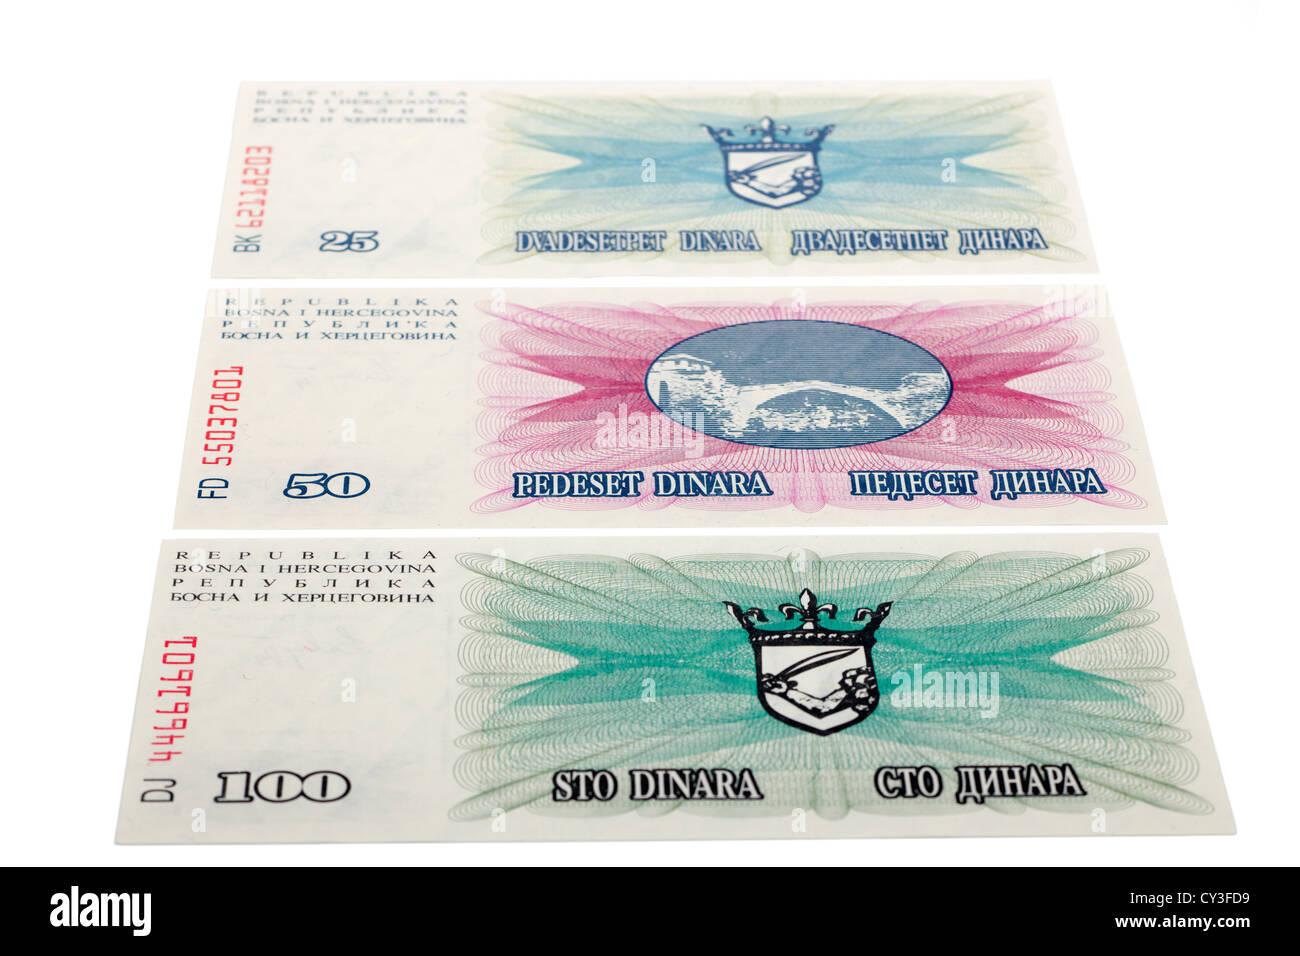 Bosnia Herzegovina 25 50 100 Dinara banknotes - Stock Image